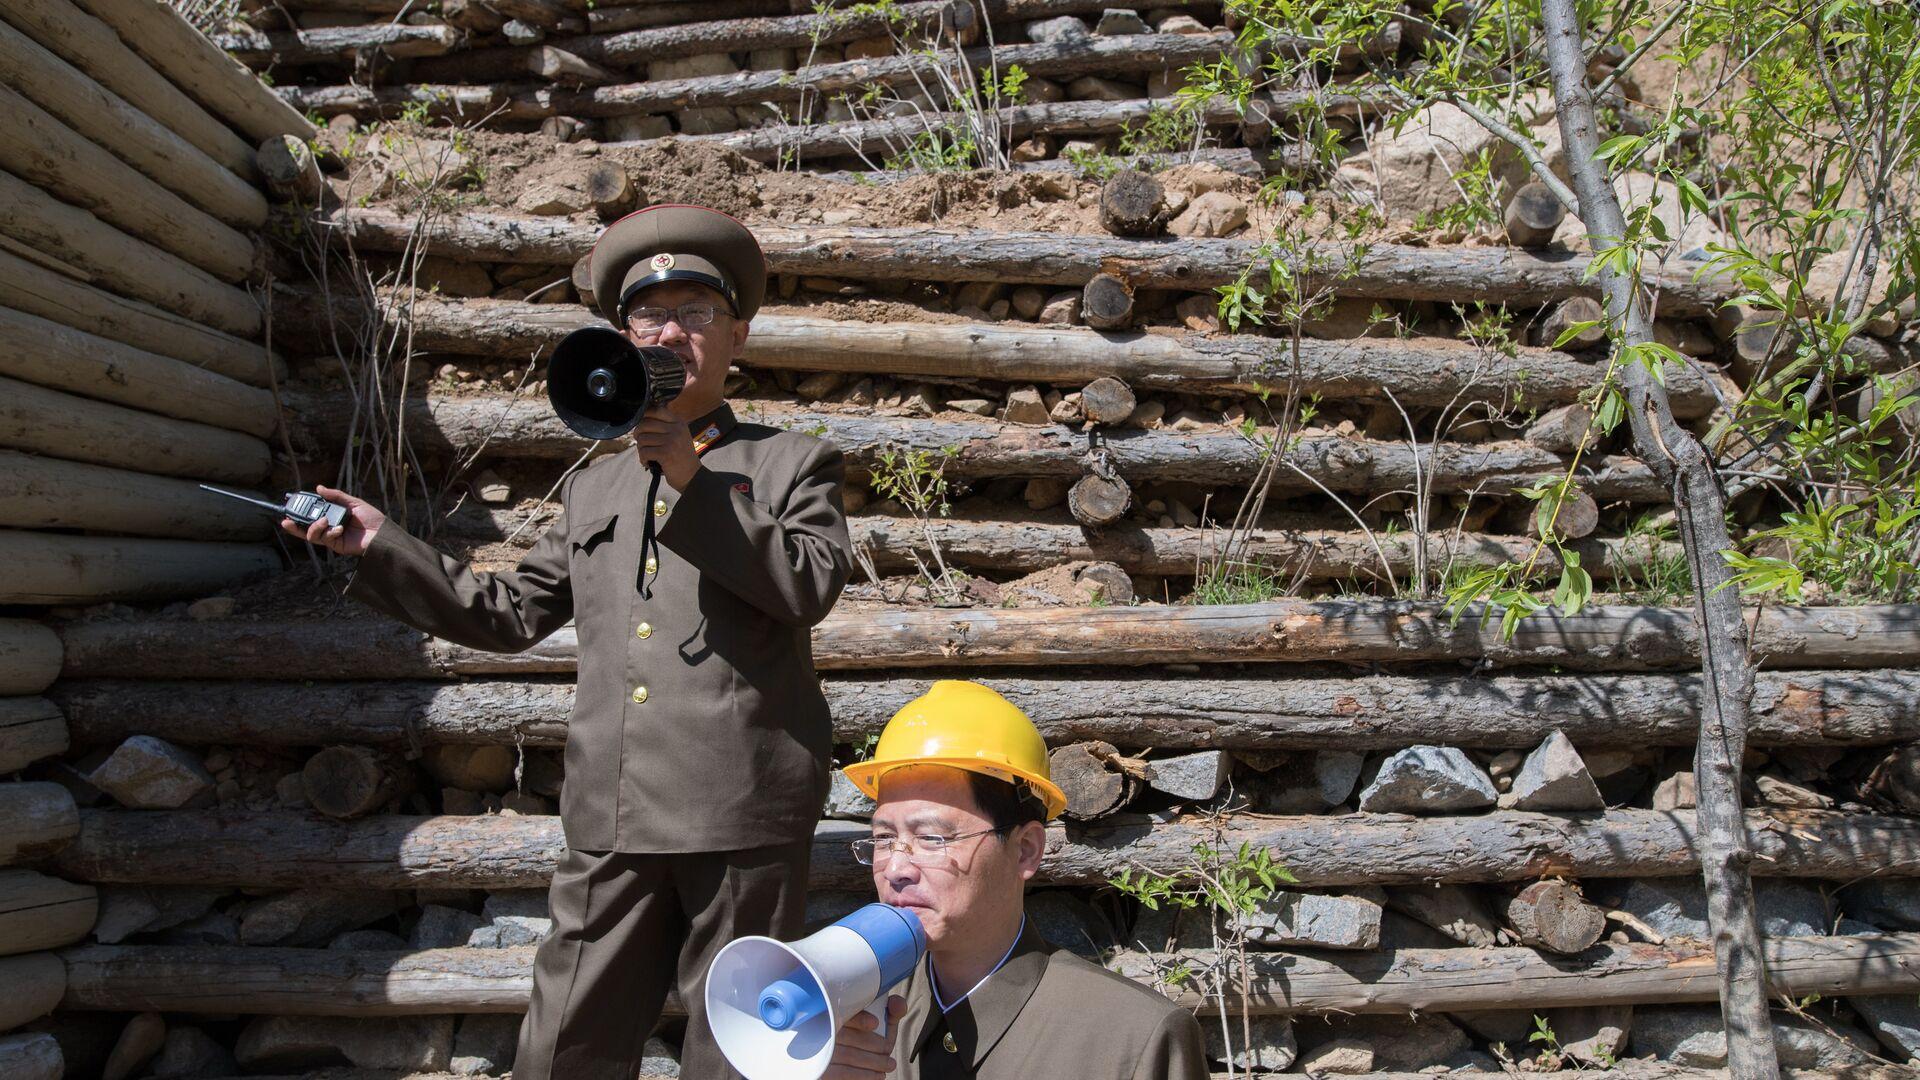 Военнослужащие на ядерном полигоне Пхунгери на севере КНДР - РИА Новости, 1920, 04.08.2020